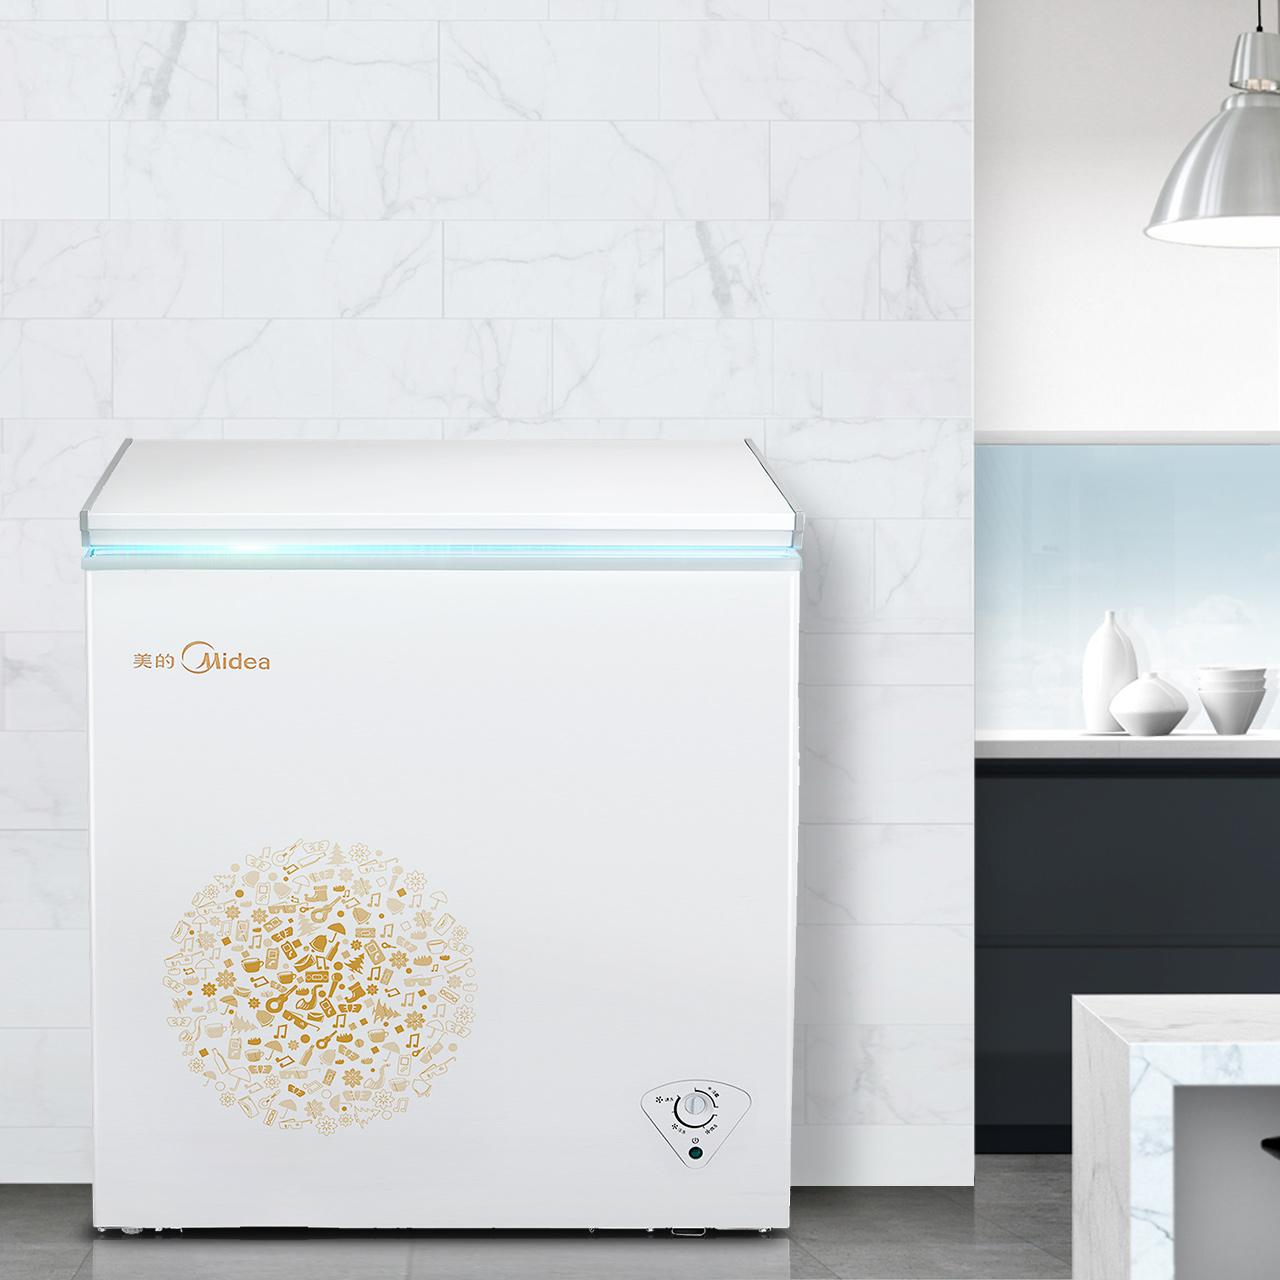 小冰柜冷柜节能省电冷藏冷冻小切换柜 E 143KM BC BD 美 Midea